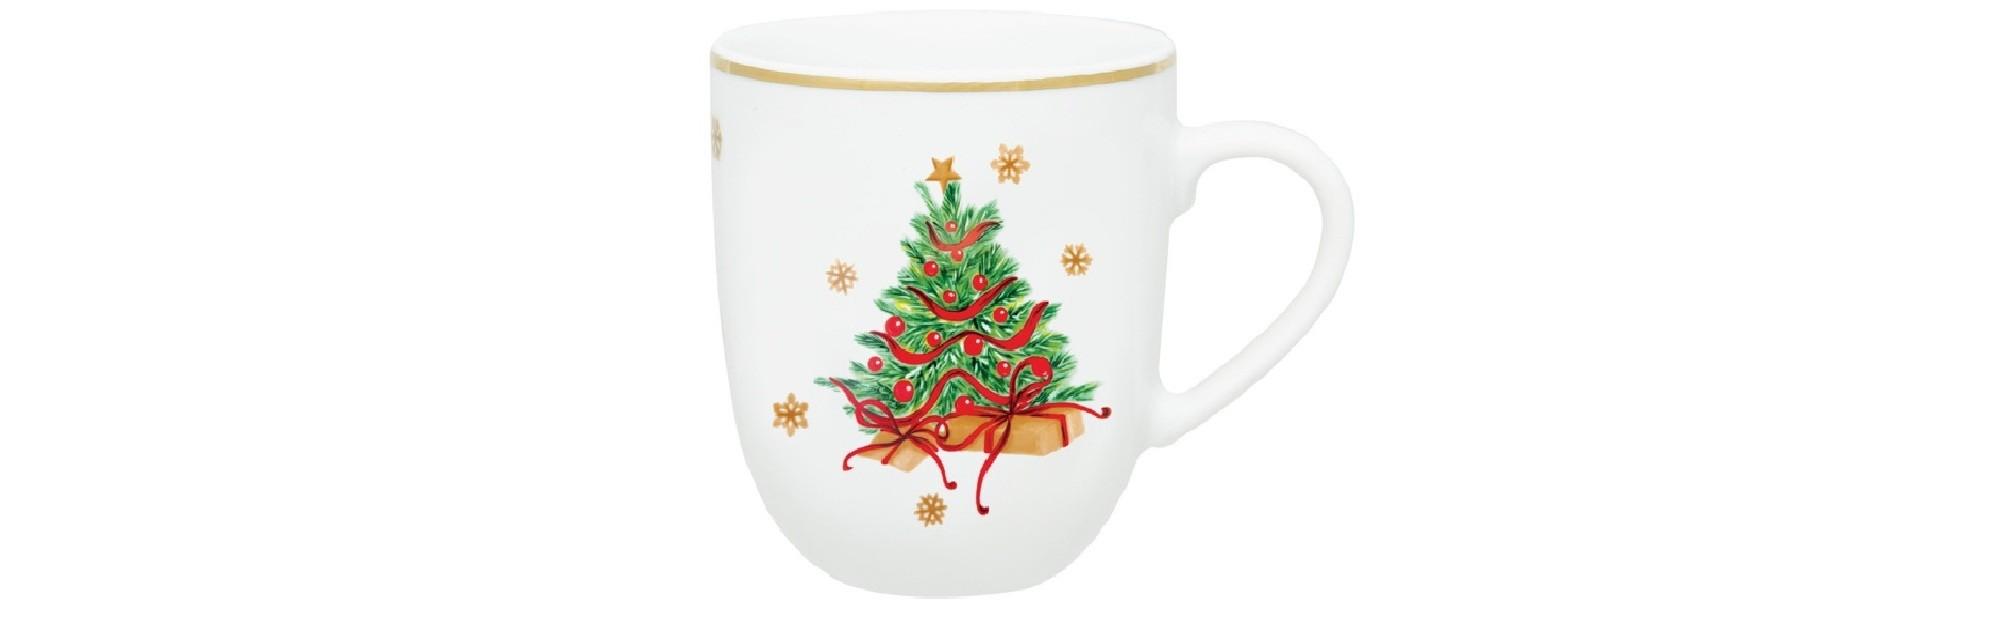 Κούπα Δεντράκι Noel Ionia home   ειδη cafe τσαϊ   κούπες   φλυτζάνια